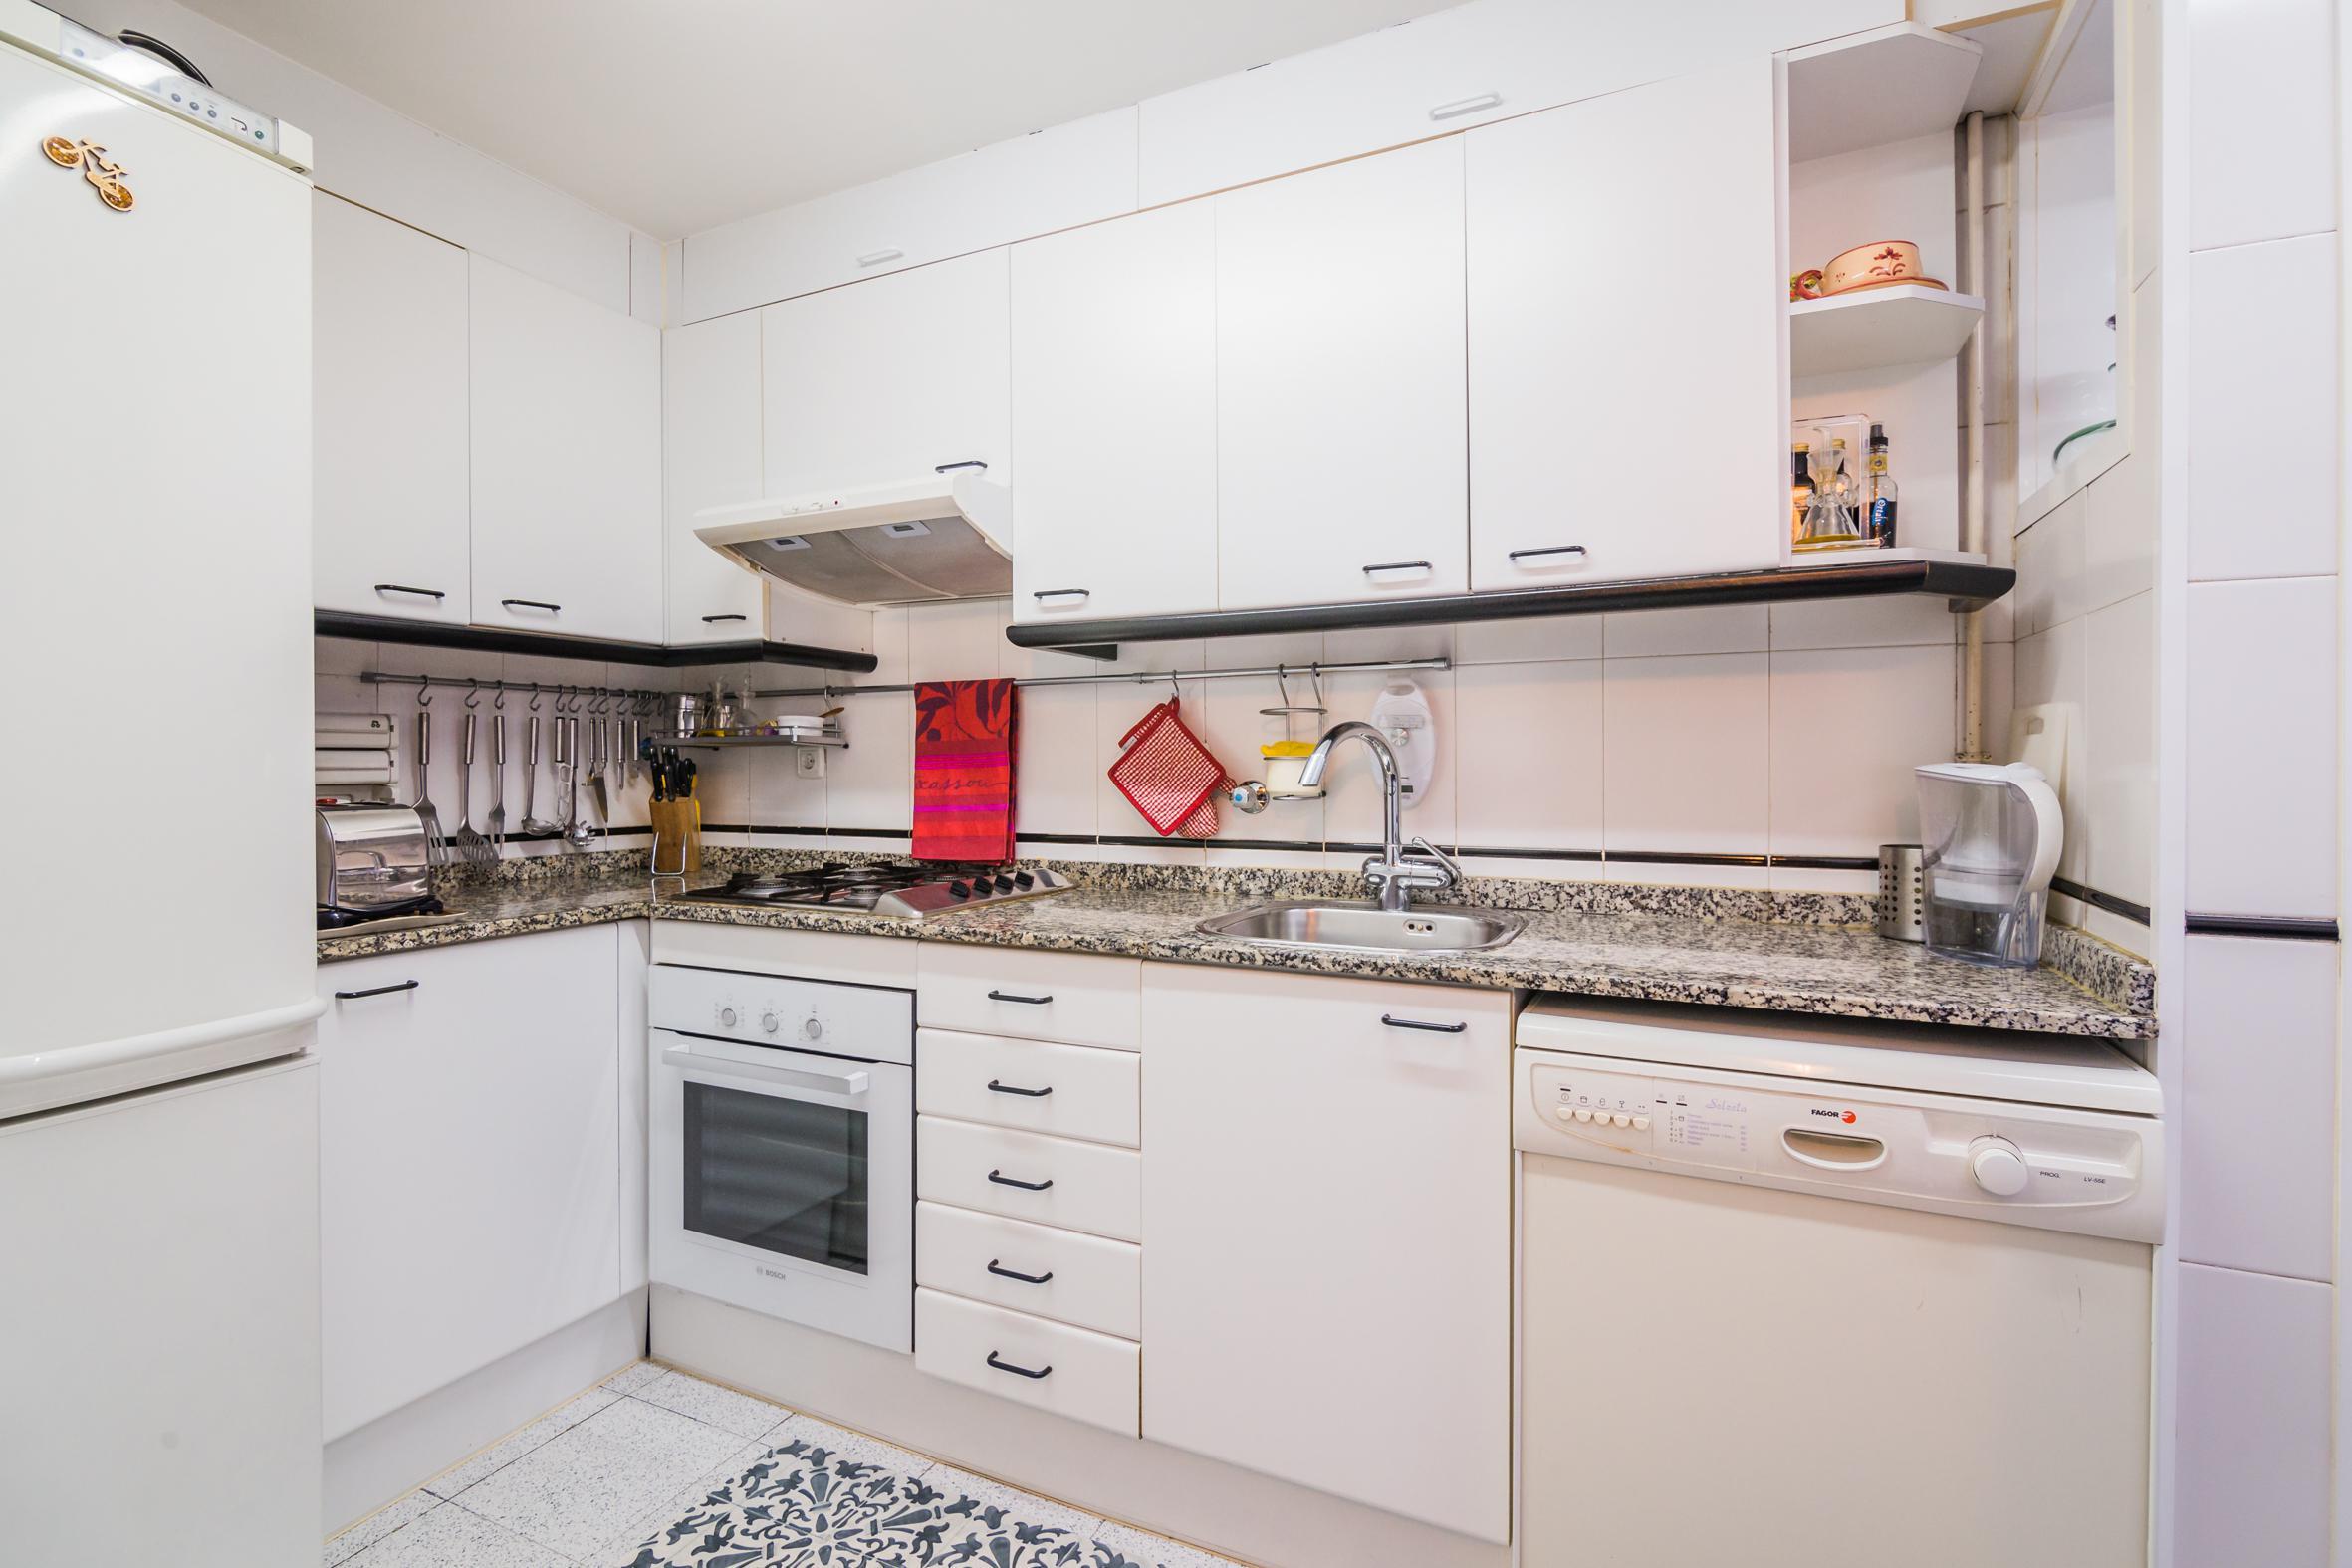 207314 Dúplex en venta en Gràcia, Vallcarca i els Penitents 5